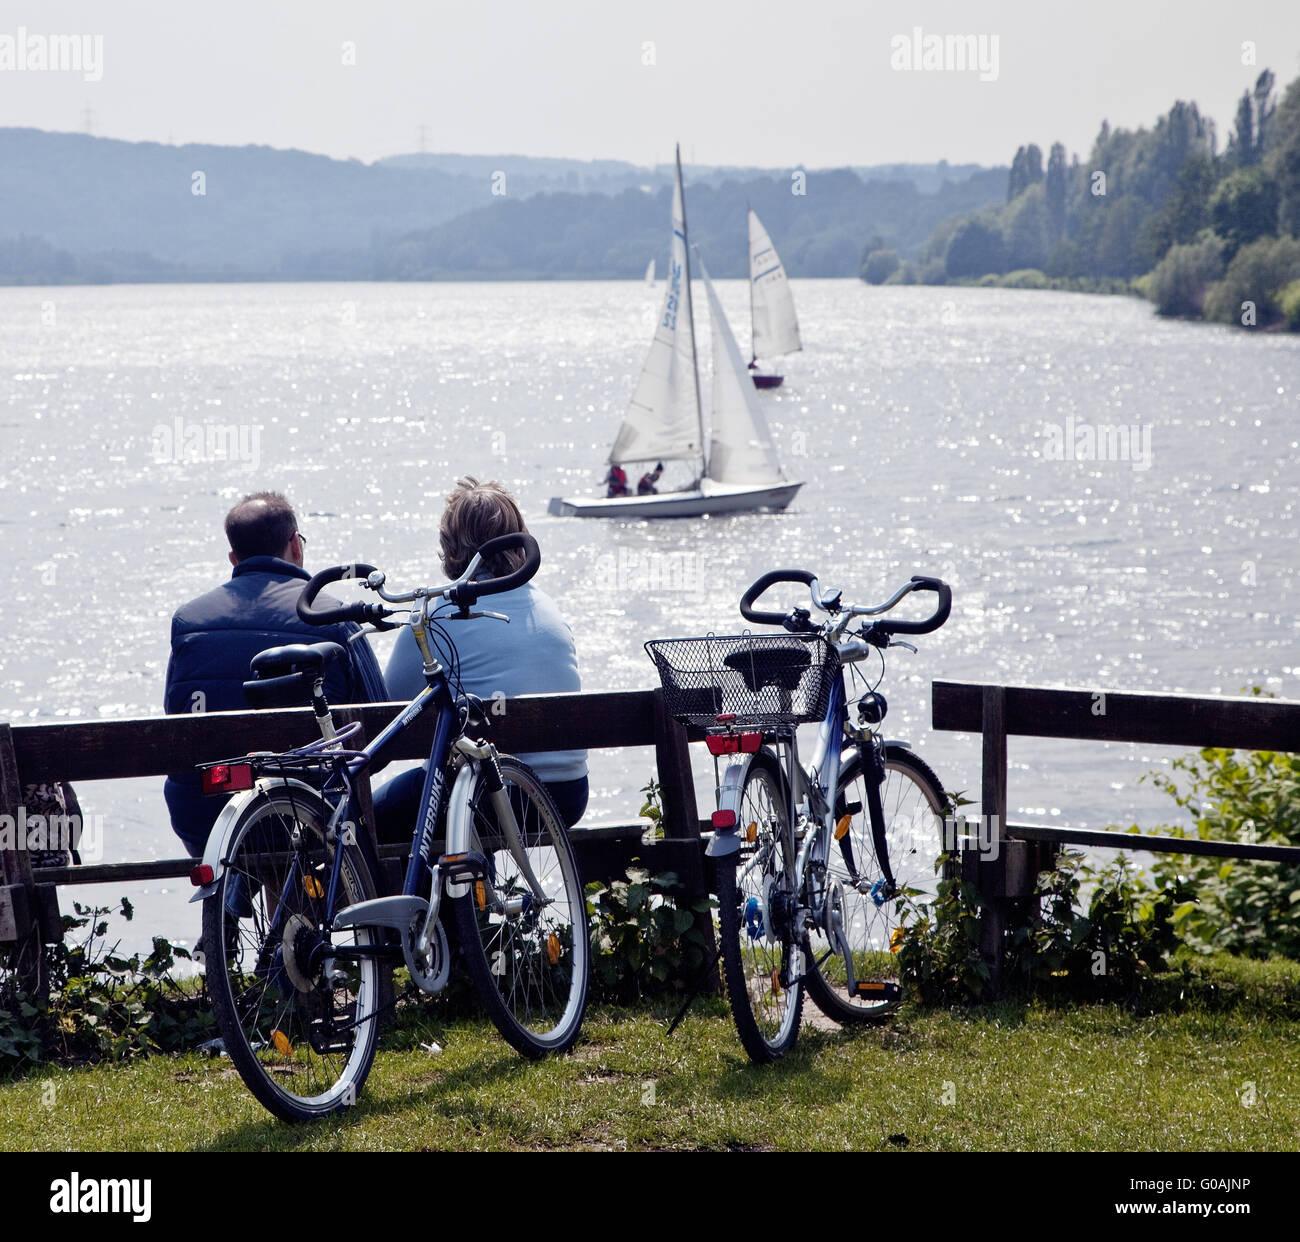 Cyclists and sailing boat, Lake Kemnade, Germany. - Stock Image